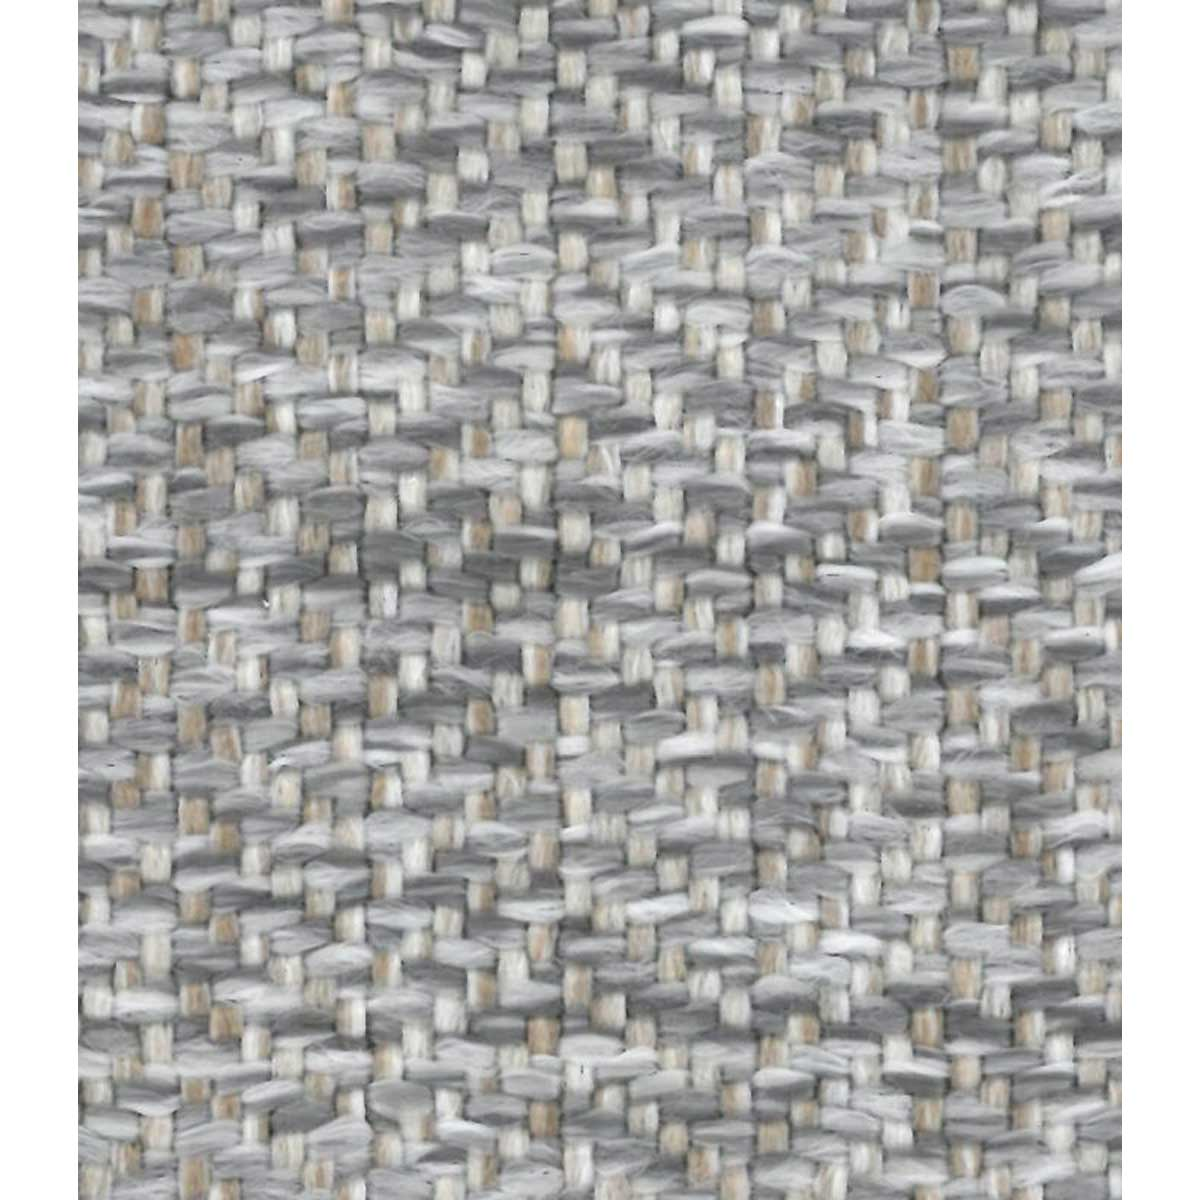 Tissu outdoor effet lainage - Gris - 1.4 m